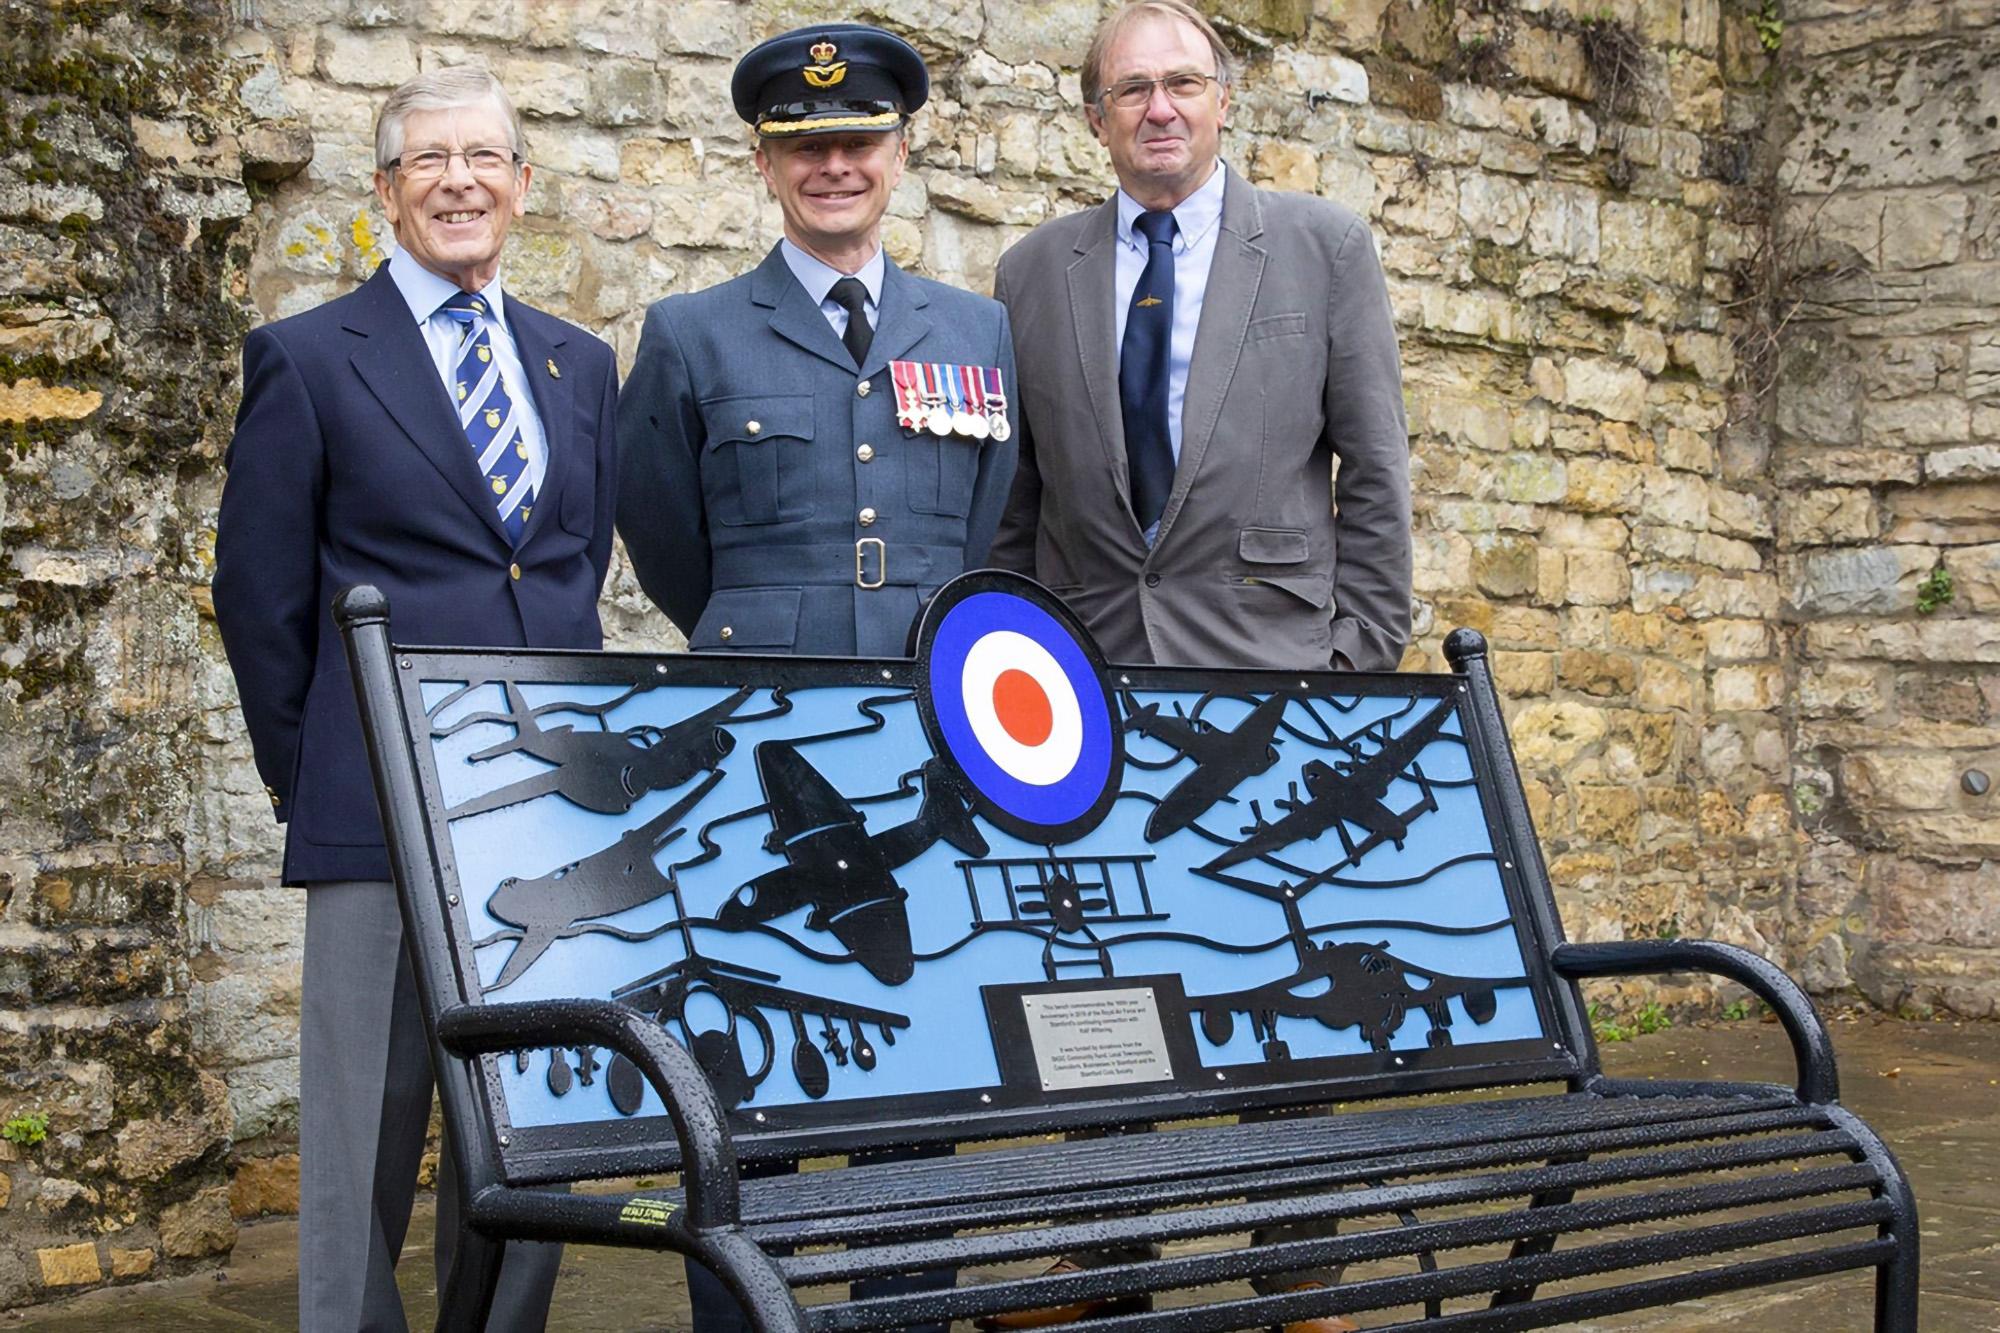 New commemorative bench in Stamford